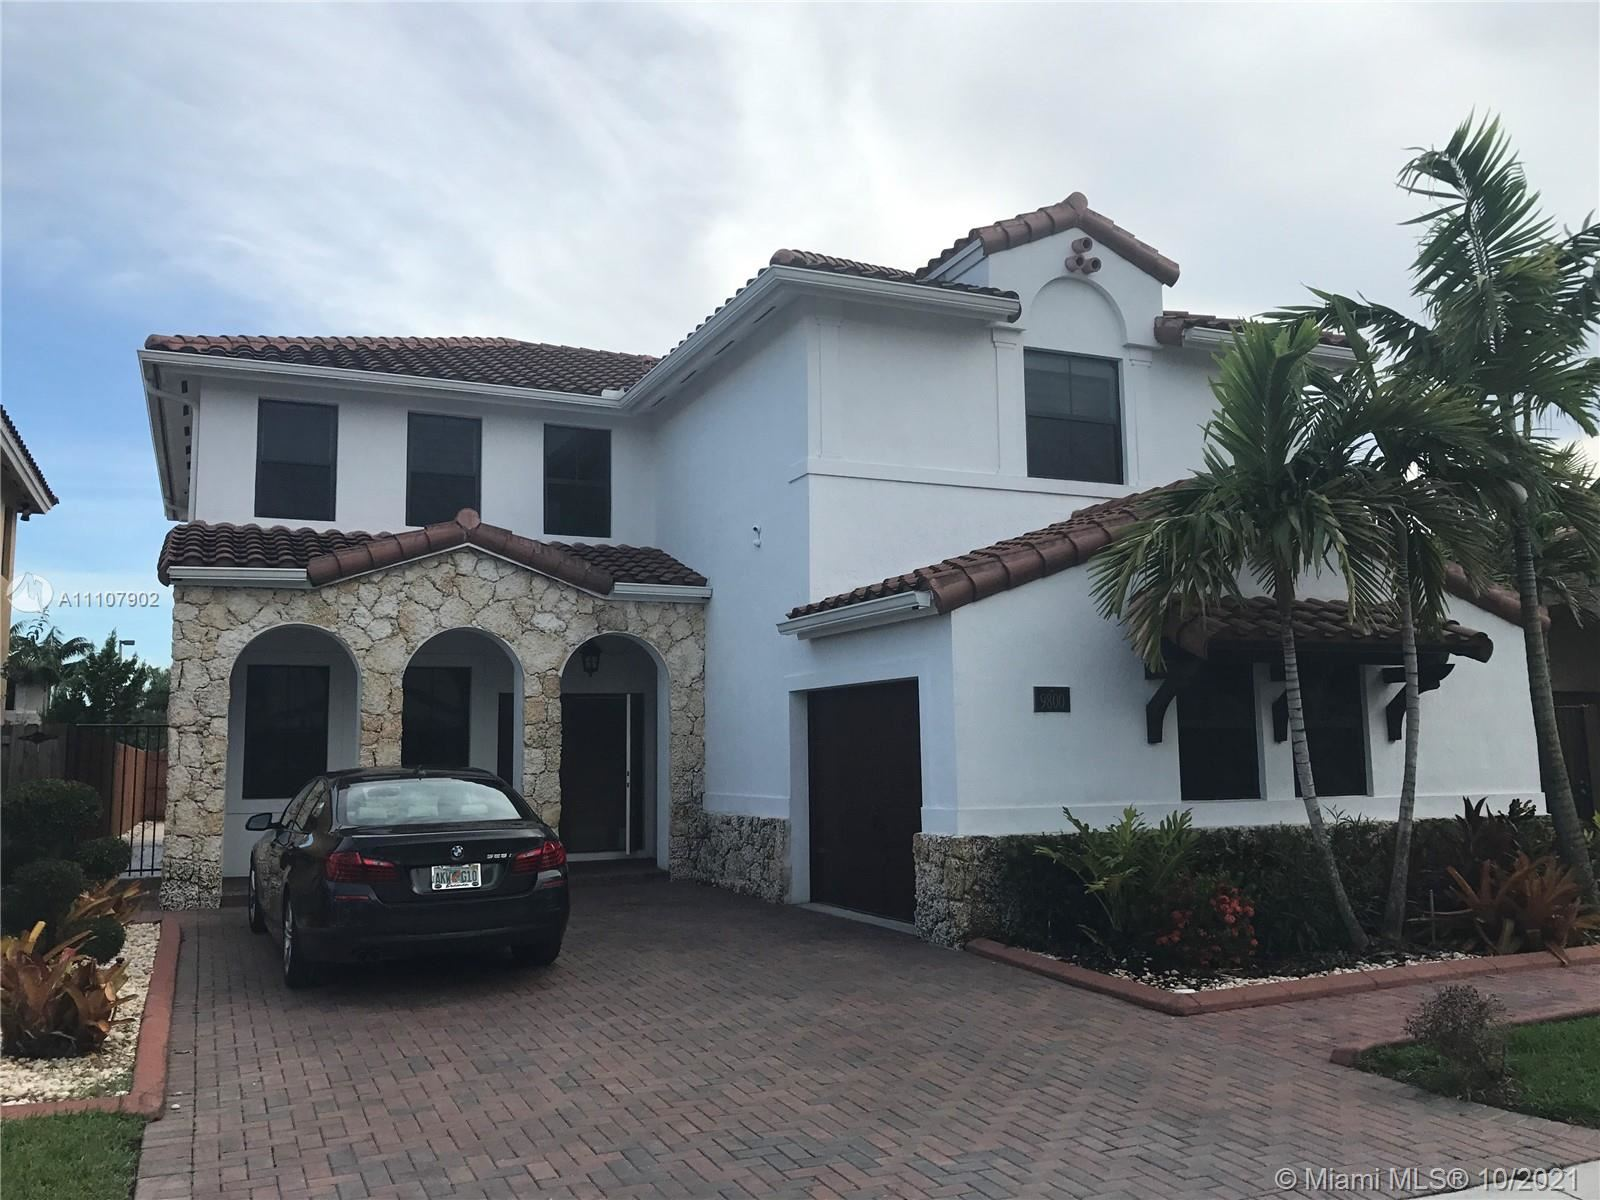 9800 NW 10th Ter, Miami, FL 33172 - #: A11107902